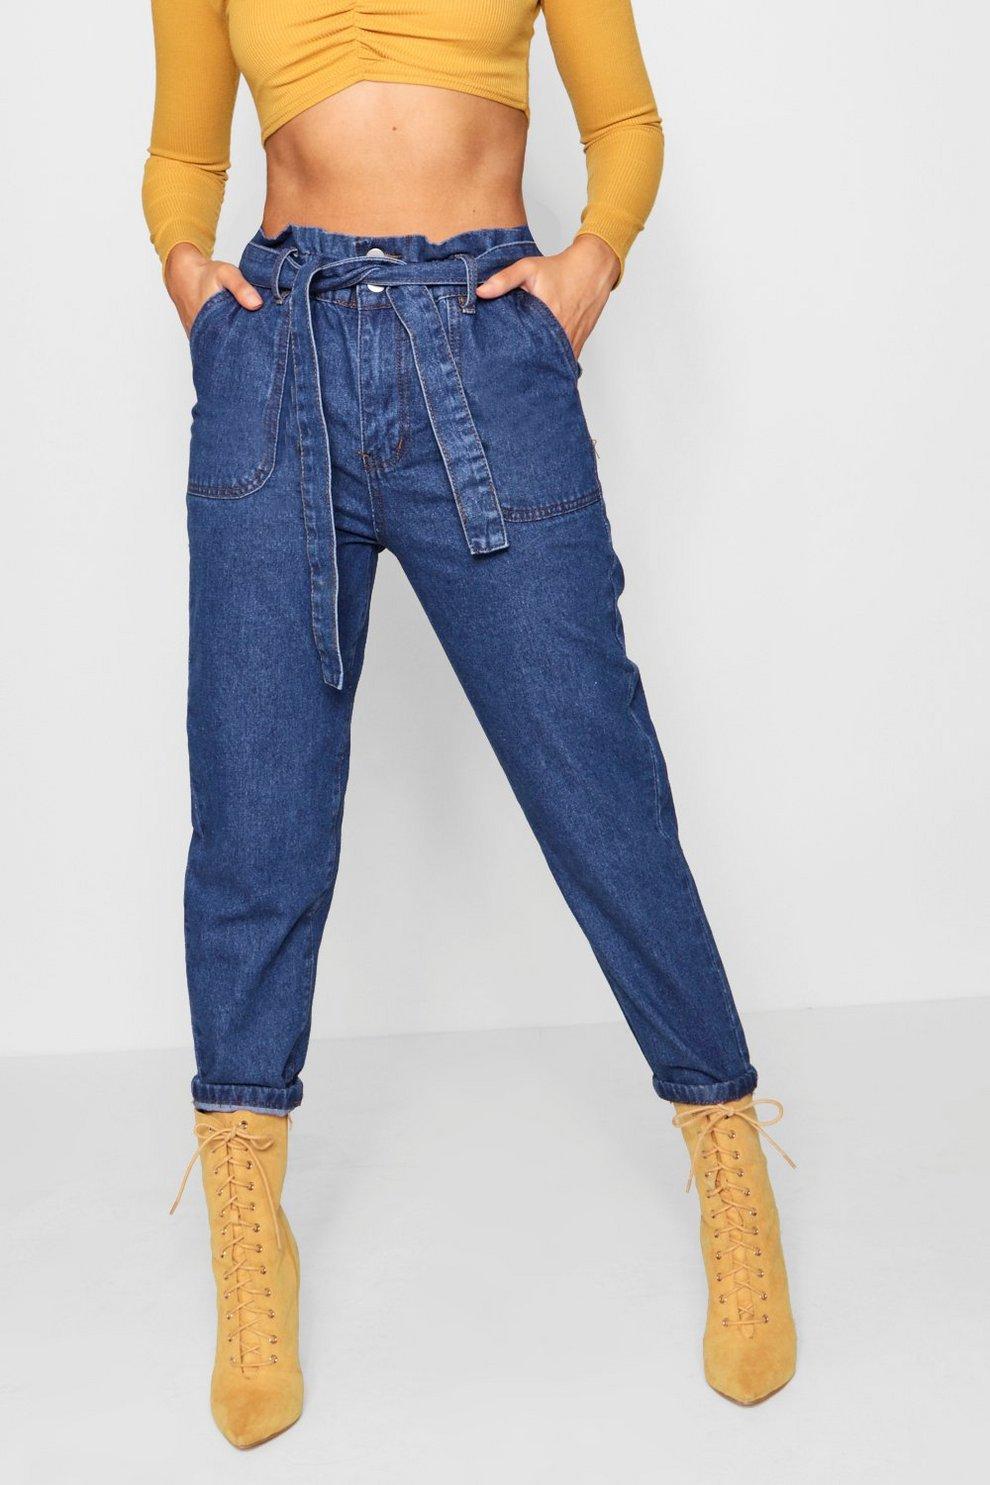 Paperbag Waist Mom Jeans Boohoo Rodeo Pants Ellie In Black